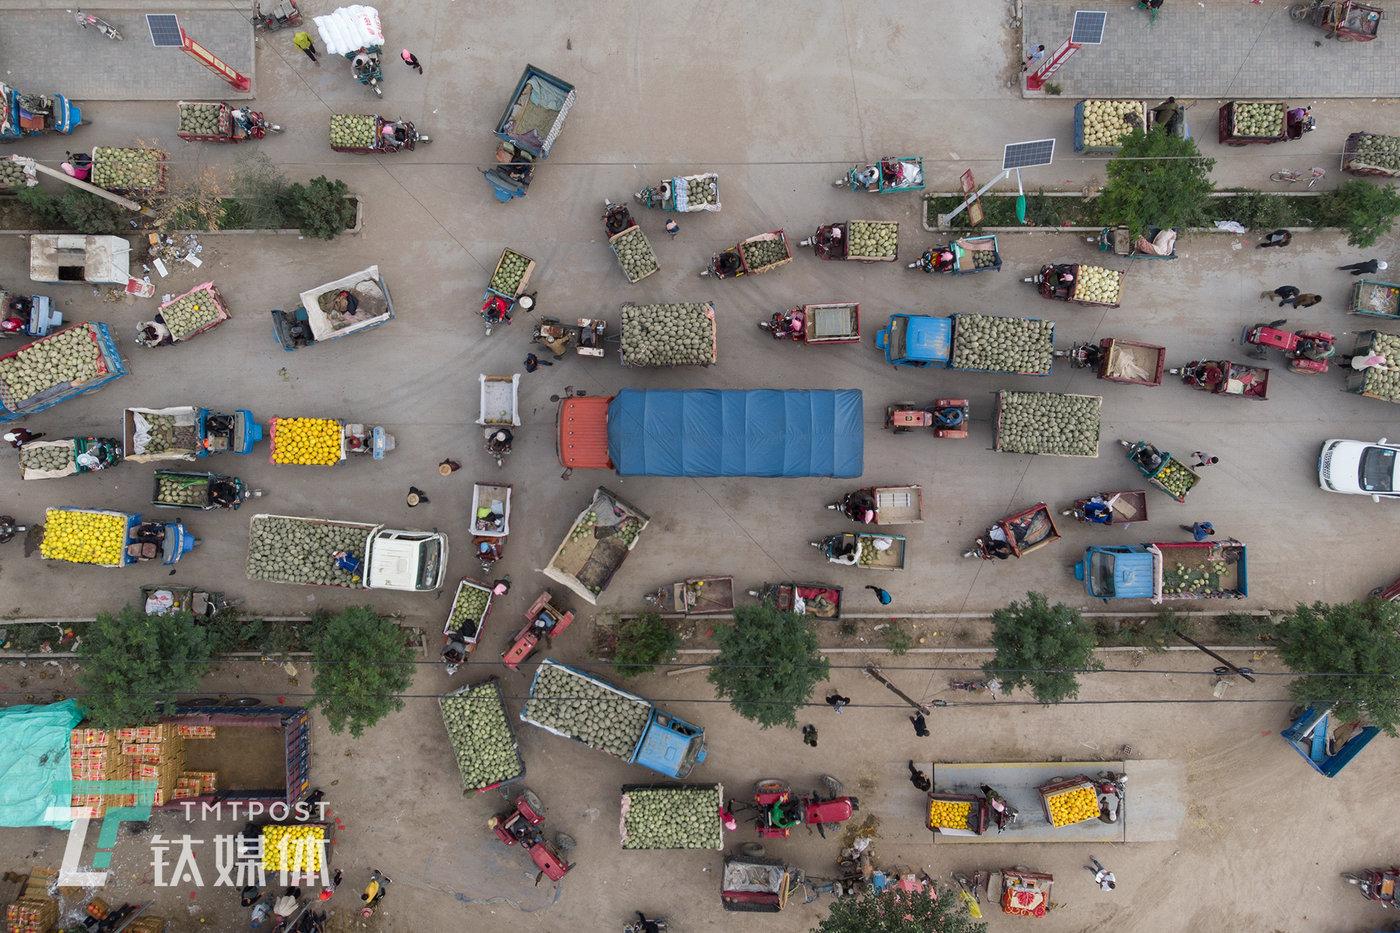 8月16日早上7点多,收成镇一条主干道上拥堵的车流。这中间有瓜农的三轮、拖拉机、小货车,还有外地来运瓜的卡车。